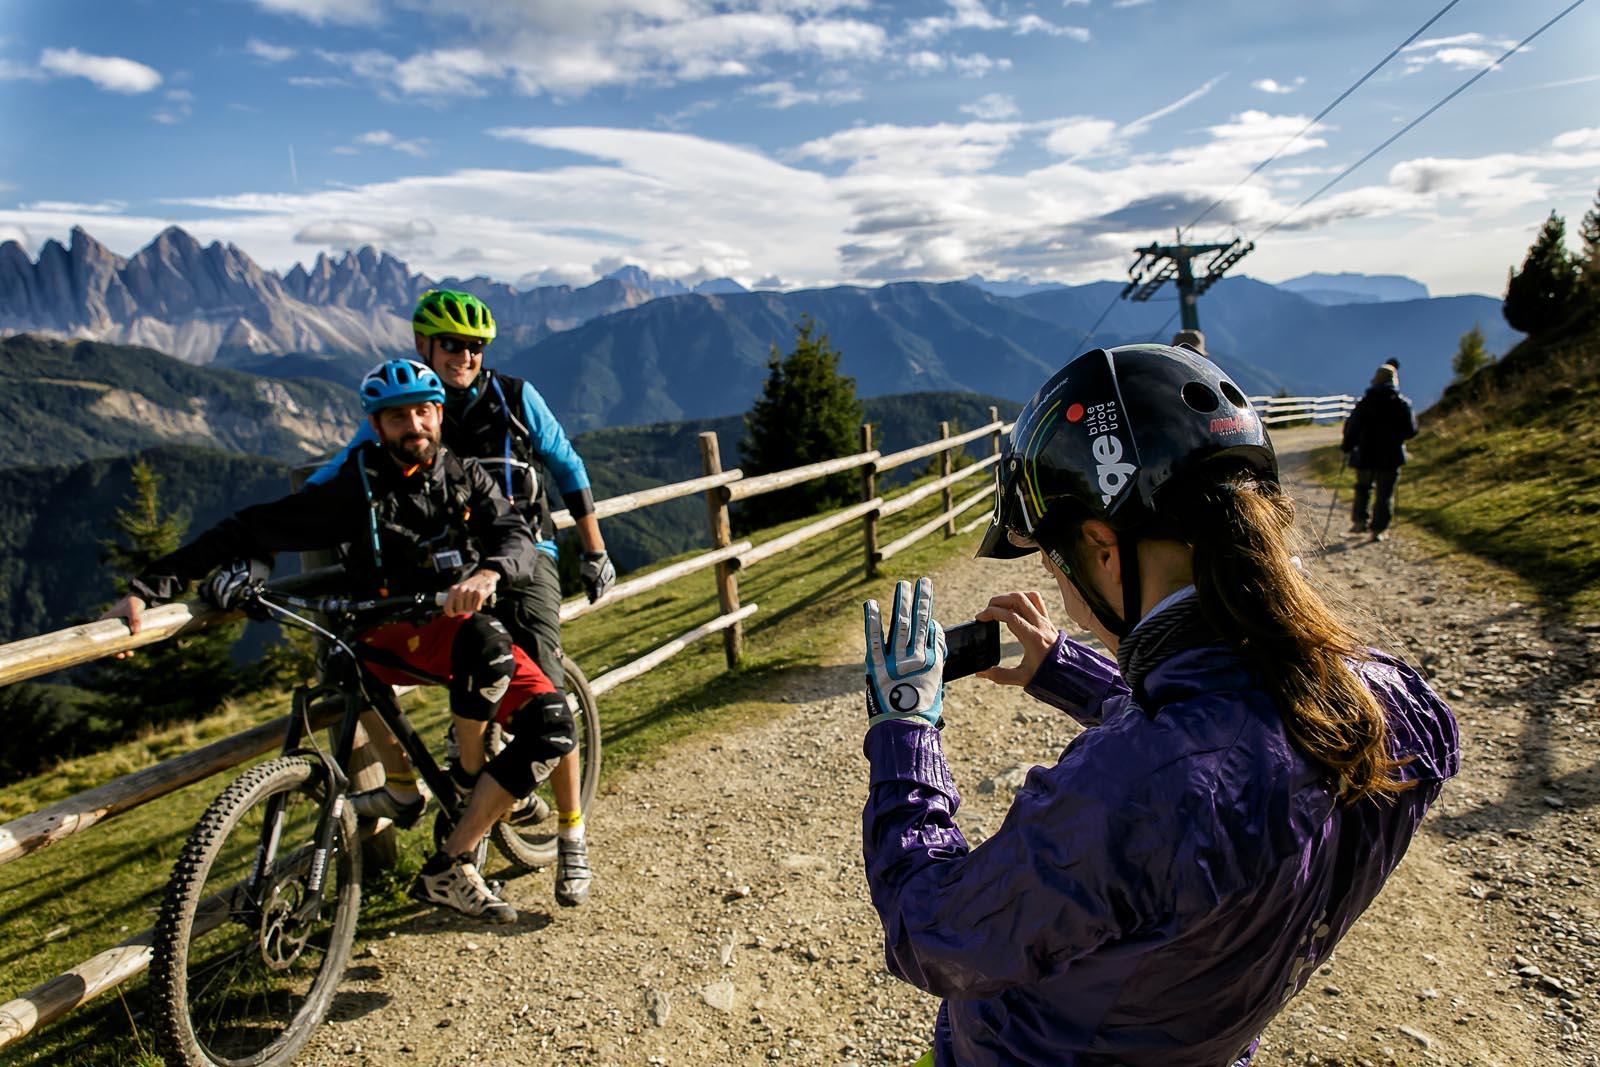 Erinnerungsfoto mit den Dolomiten im Hintergrund ©Arkadiusz Obszynski